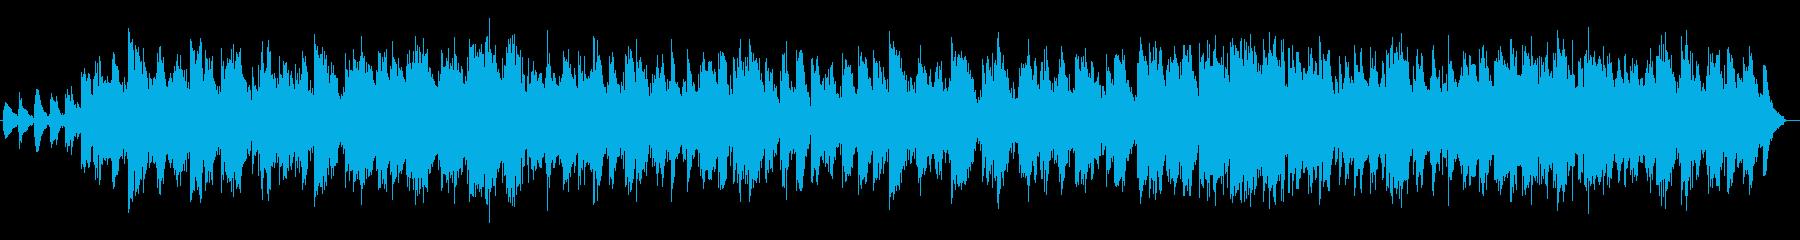 優しさを感じるシンセサイザーサウンドの再生済みの波形